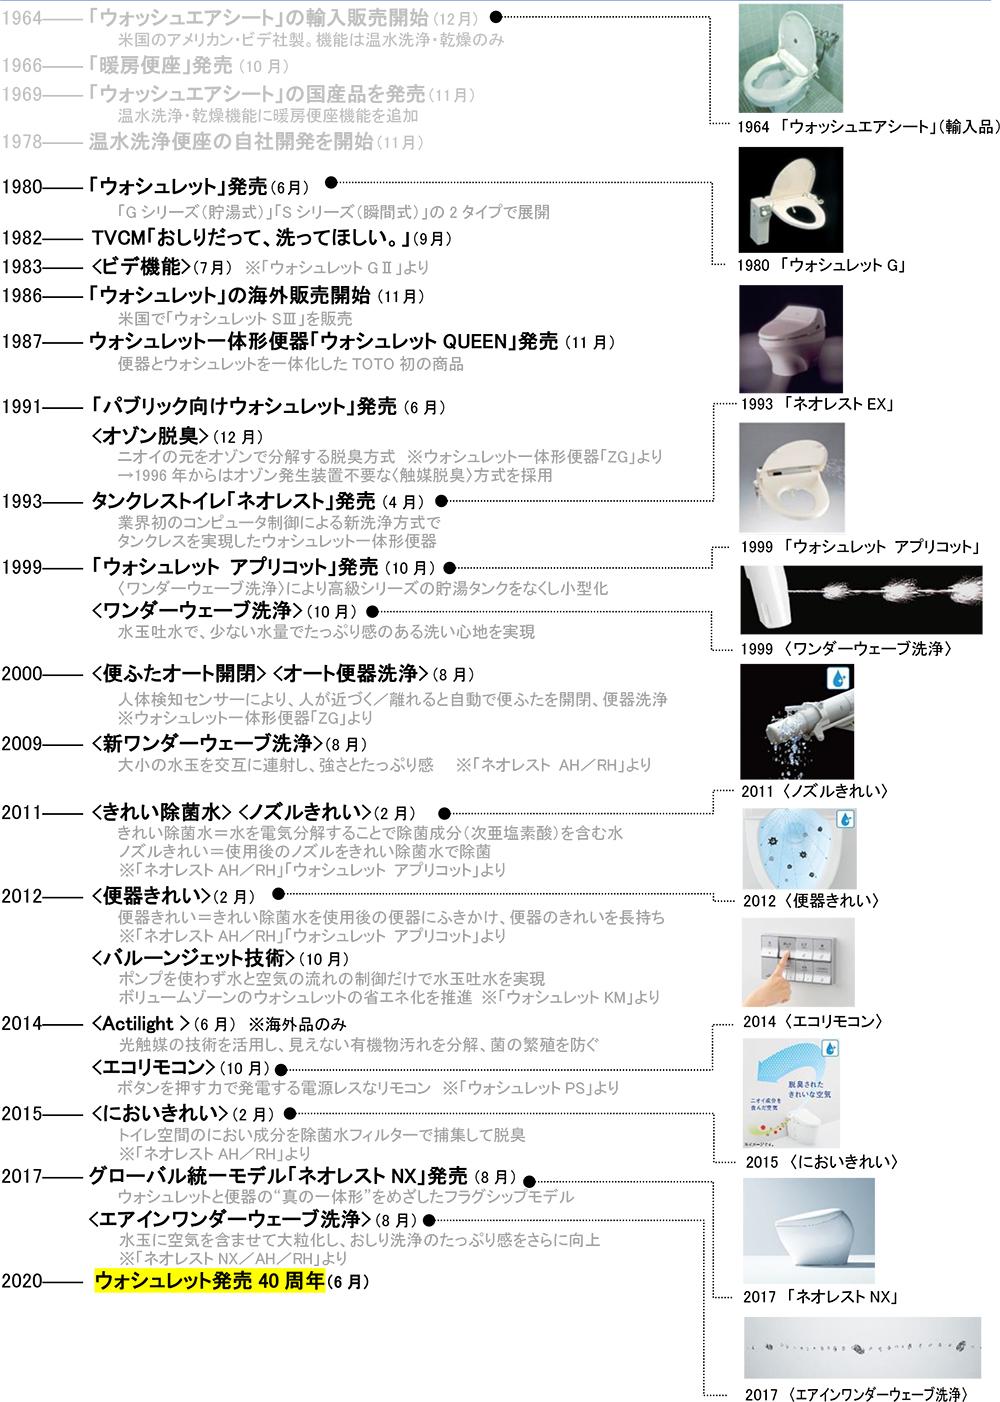 (出典:TOTO「日本のトイレ文化に革命を起こしたウォシュレット発売40周年」リリースより転載)